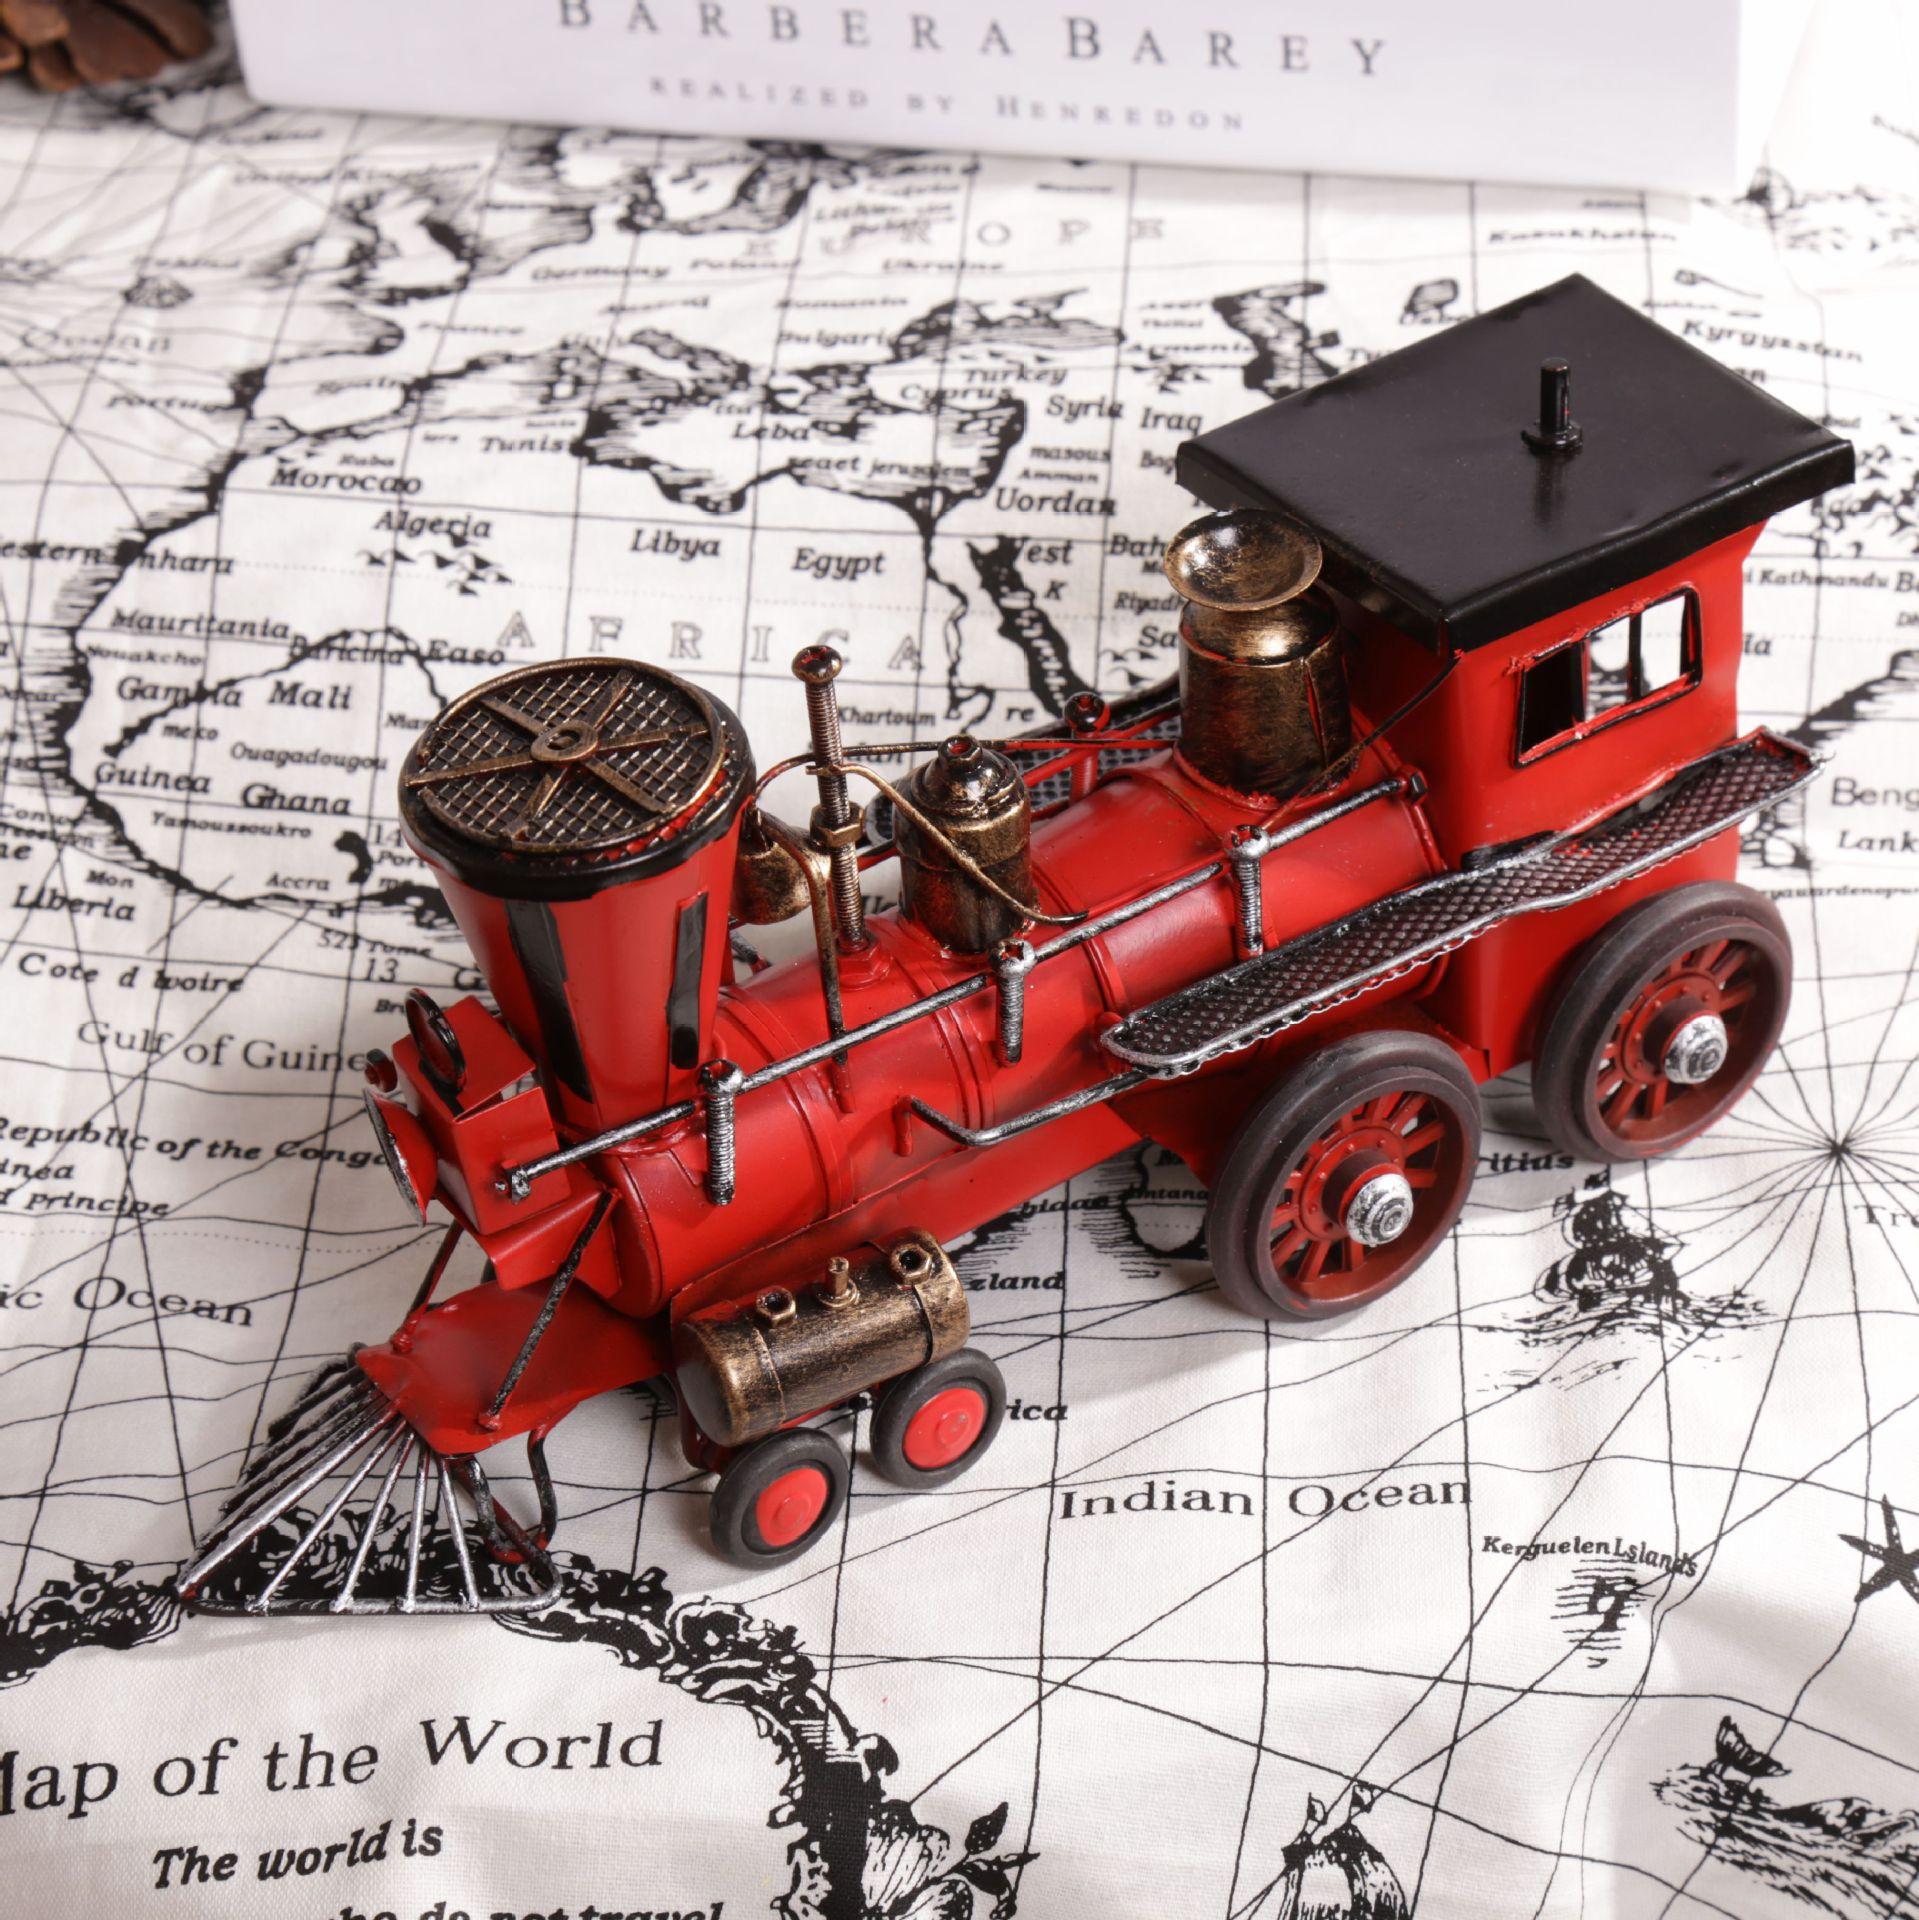 vintage style locomotive modell metall zug modell eisen dampf roten zug spielzeug handwerk schatz speicher von - Dekoration Tren